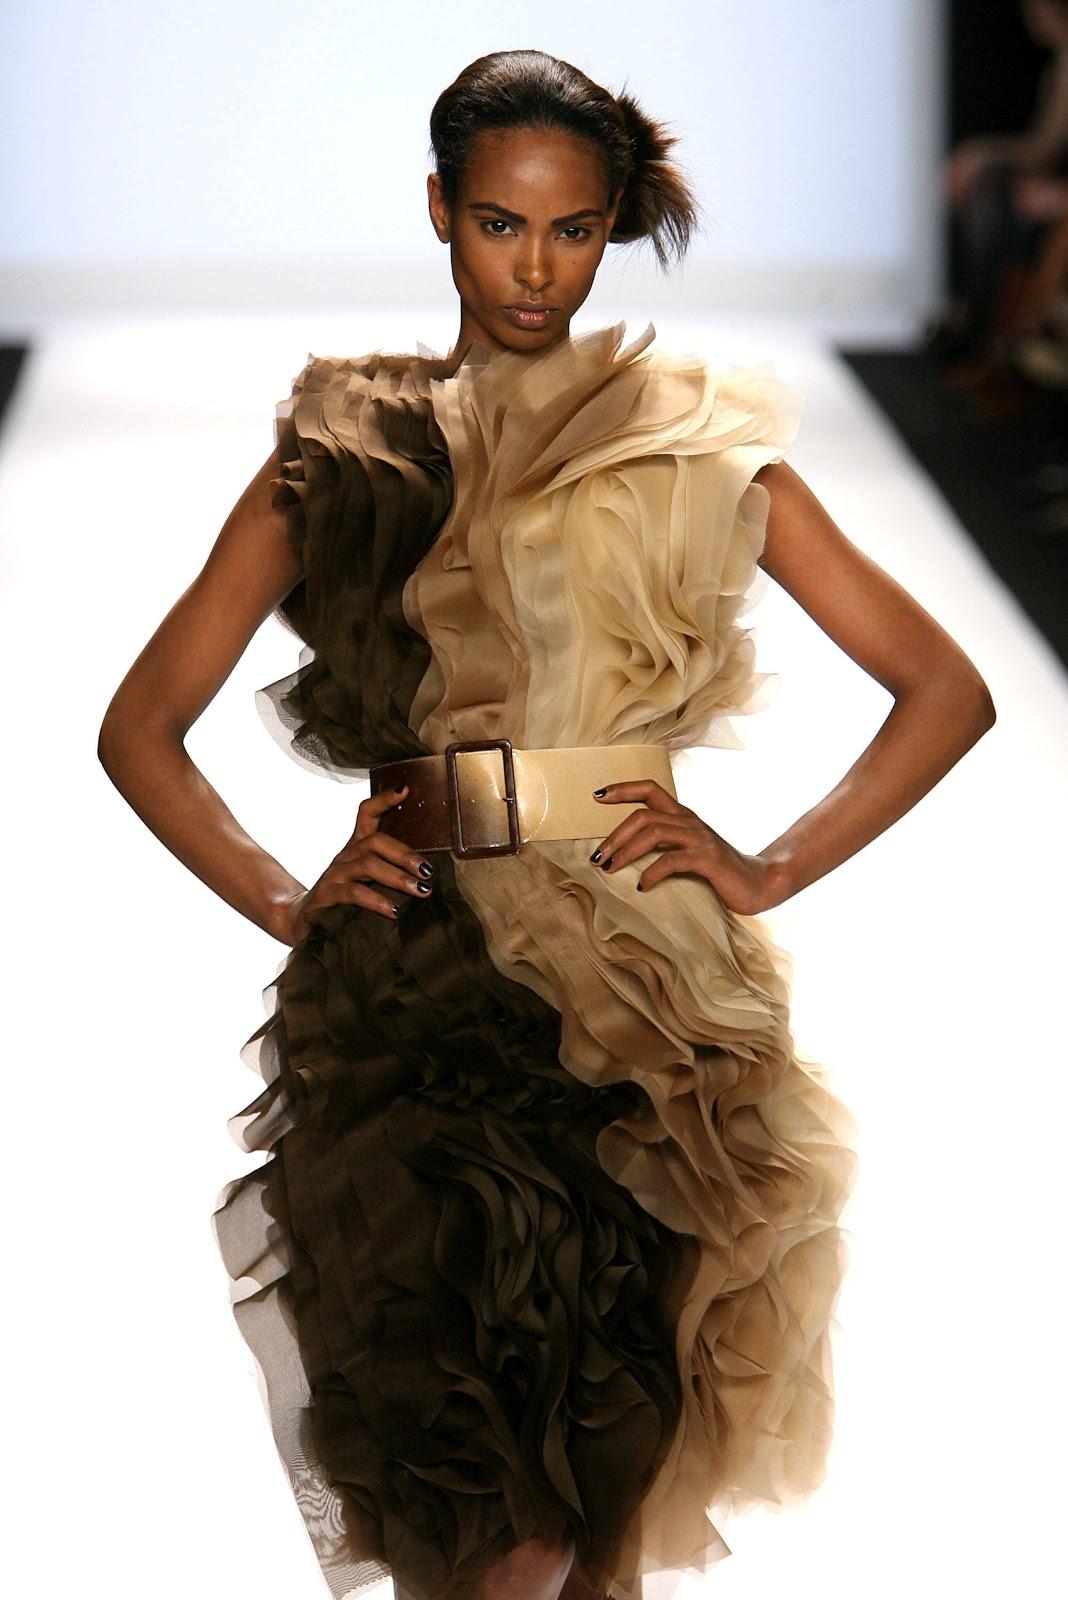 http://1.bp.blogspot.com/-0ry3NDYD_Dc/UG3XocUHatI/AAAAAAAAV-U/YYB6KHt1Jaw/s1600/Christian+Siriano+dresses+(1).jpg